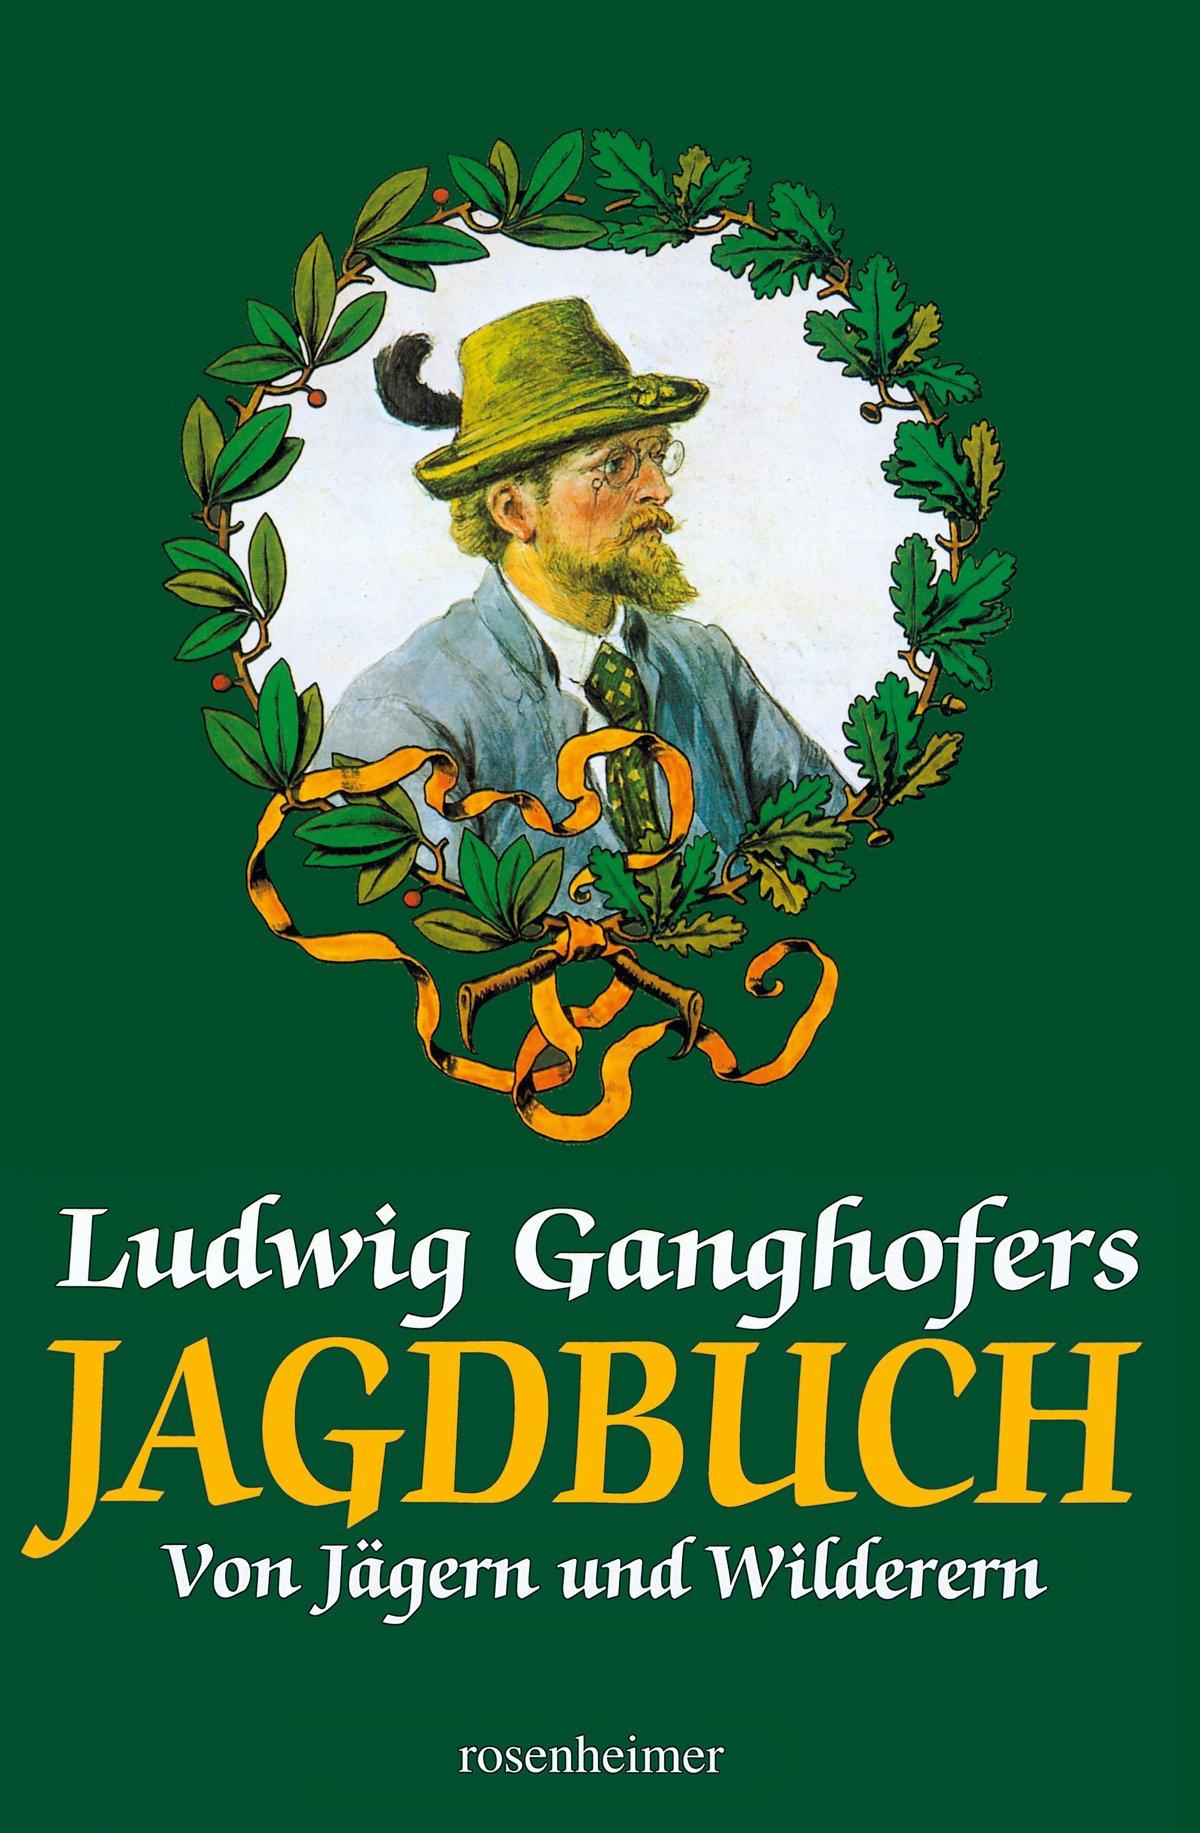 Ludwig Ganghofers Jagdbuch von Jägern und Wilderern